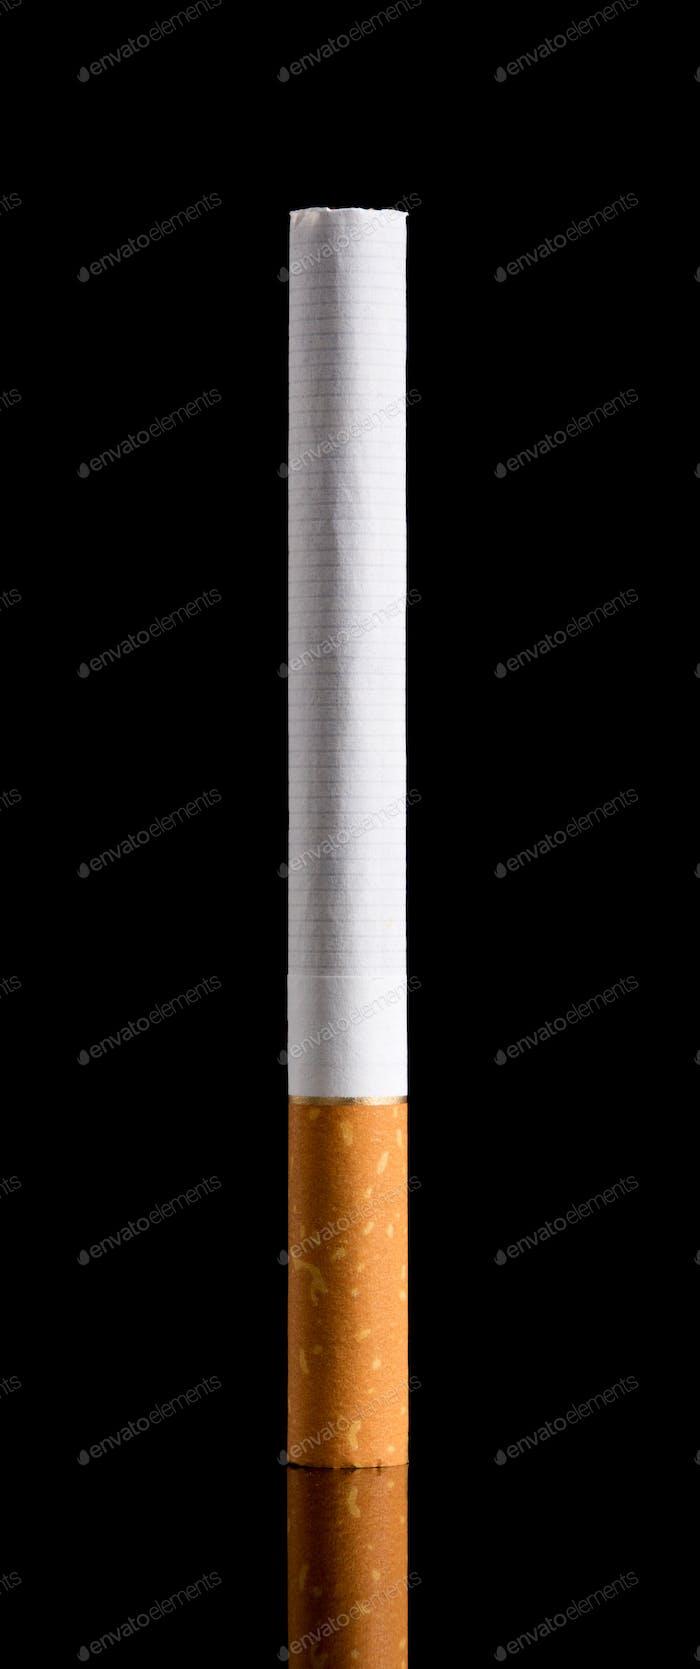 Cigarrillo clásico